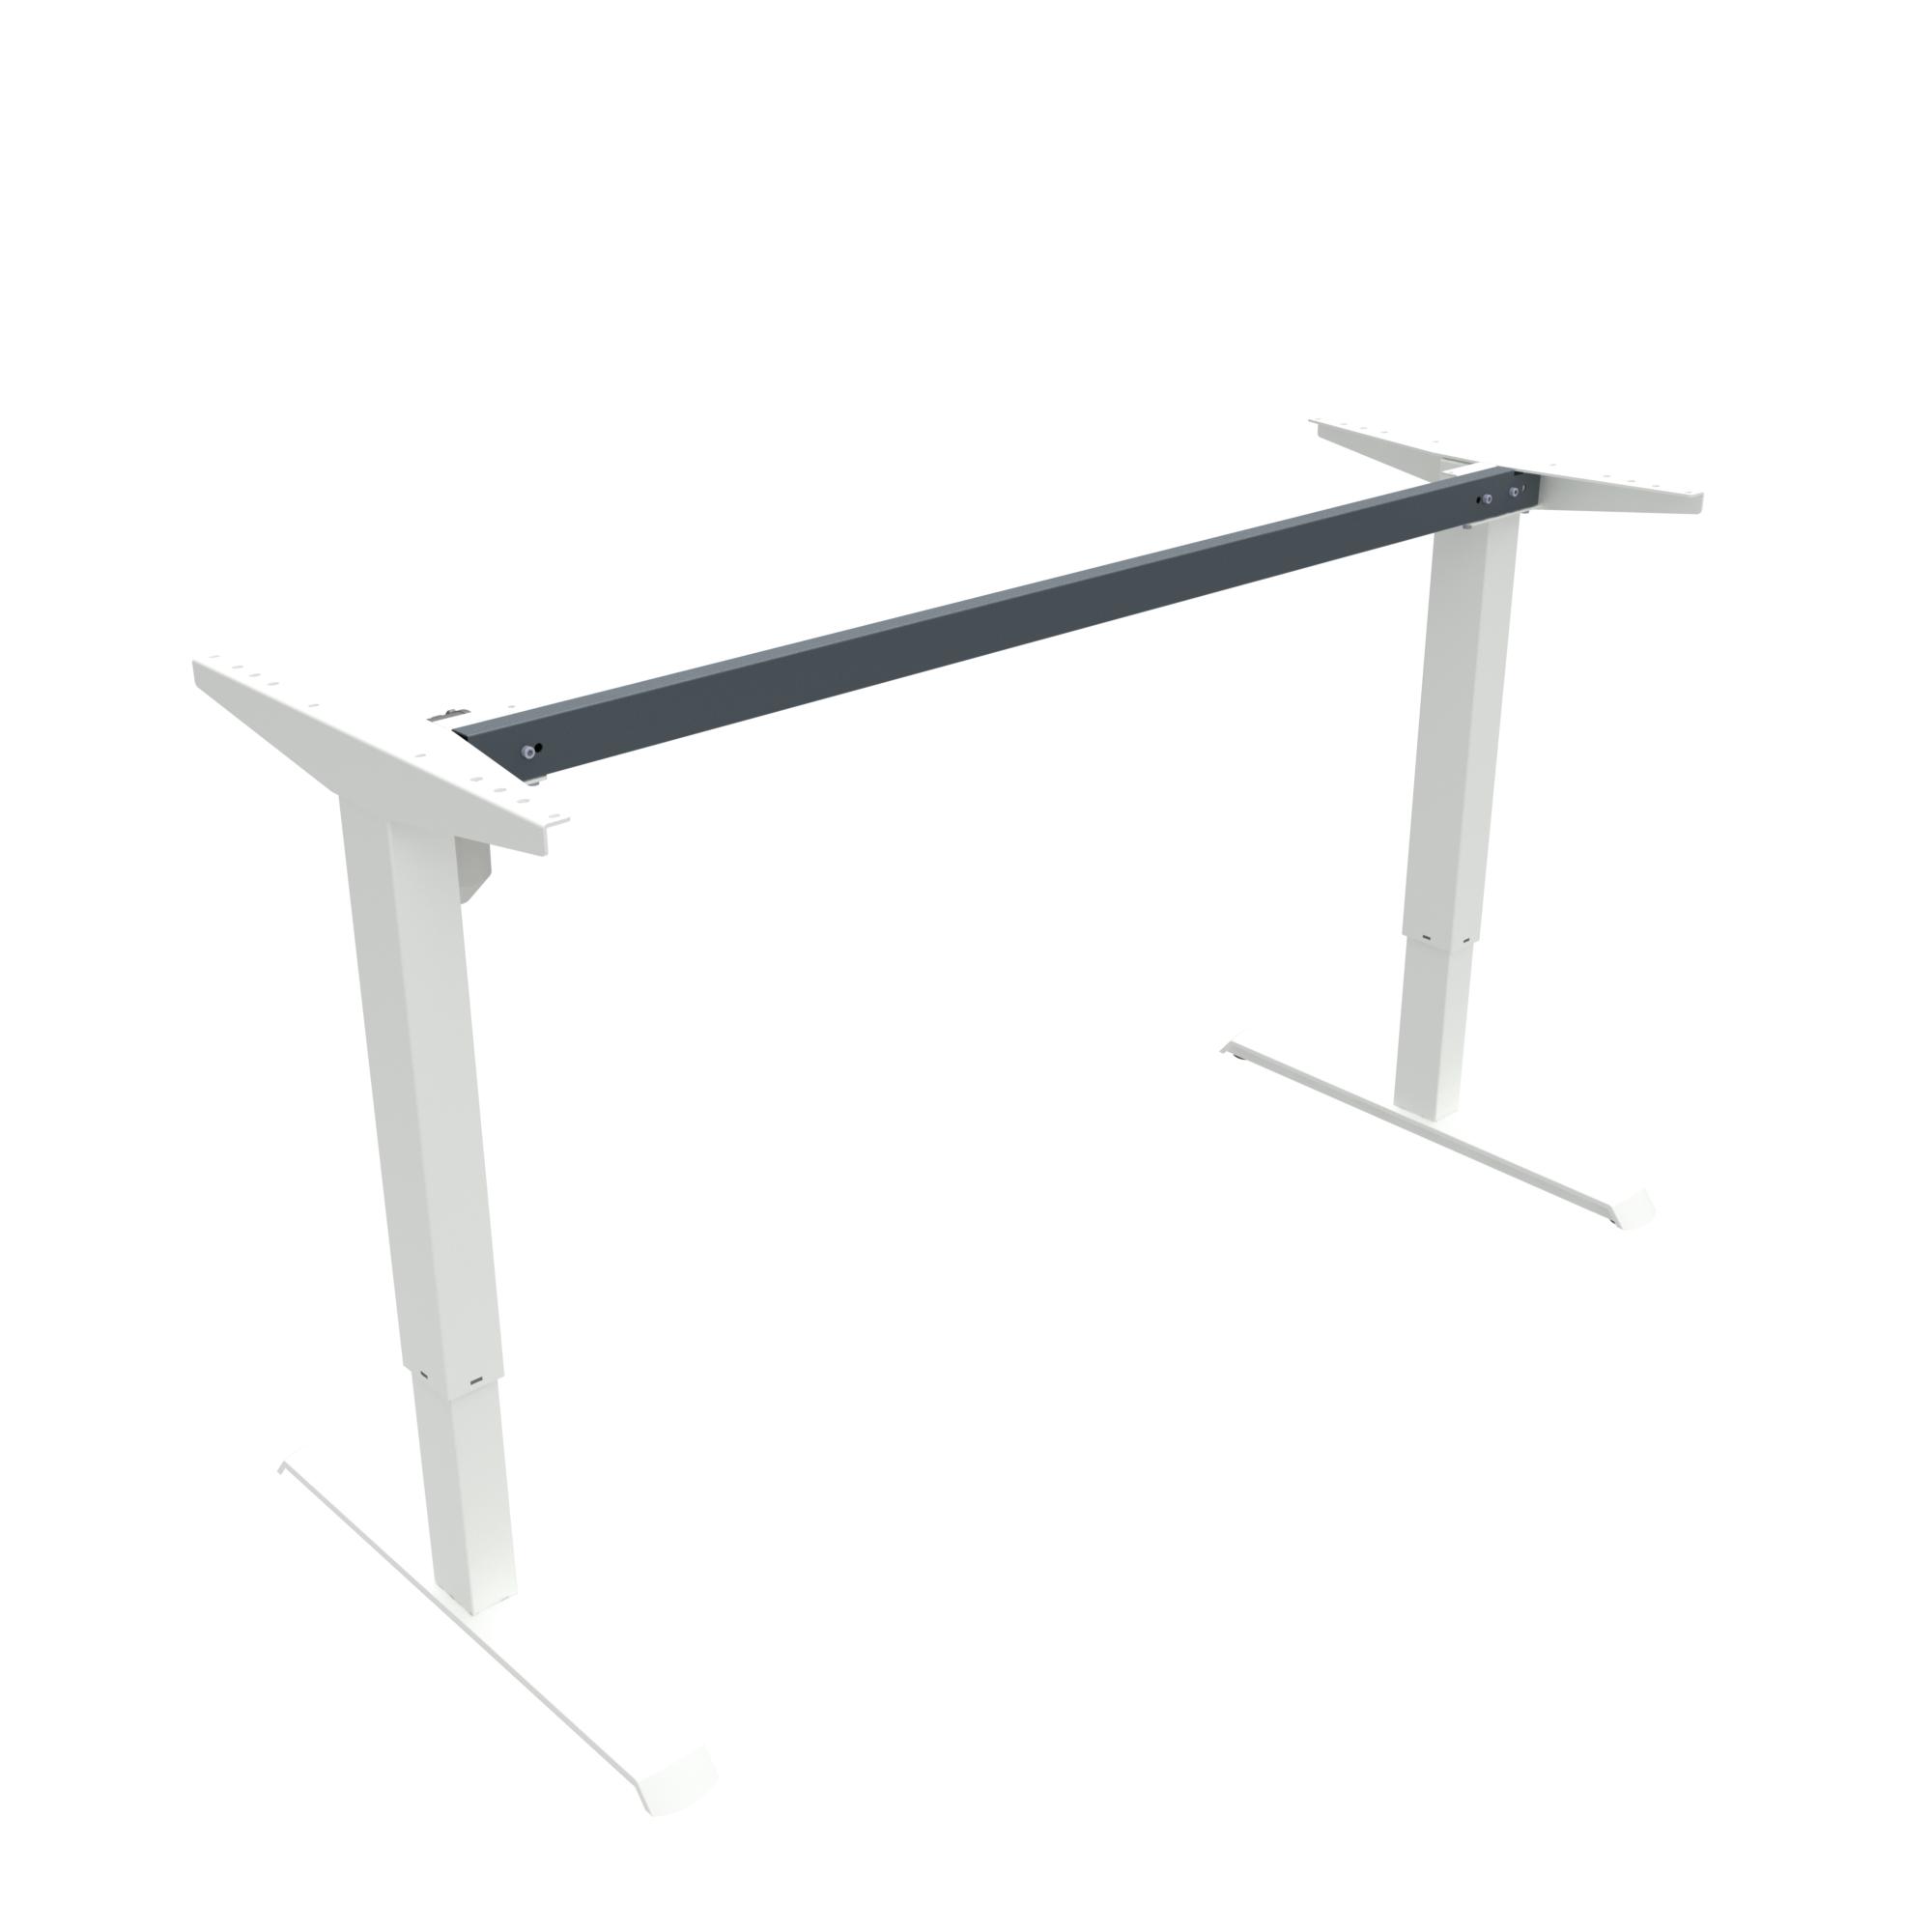 Bureau électrique réglable en hauteur pour travailler assis et debout